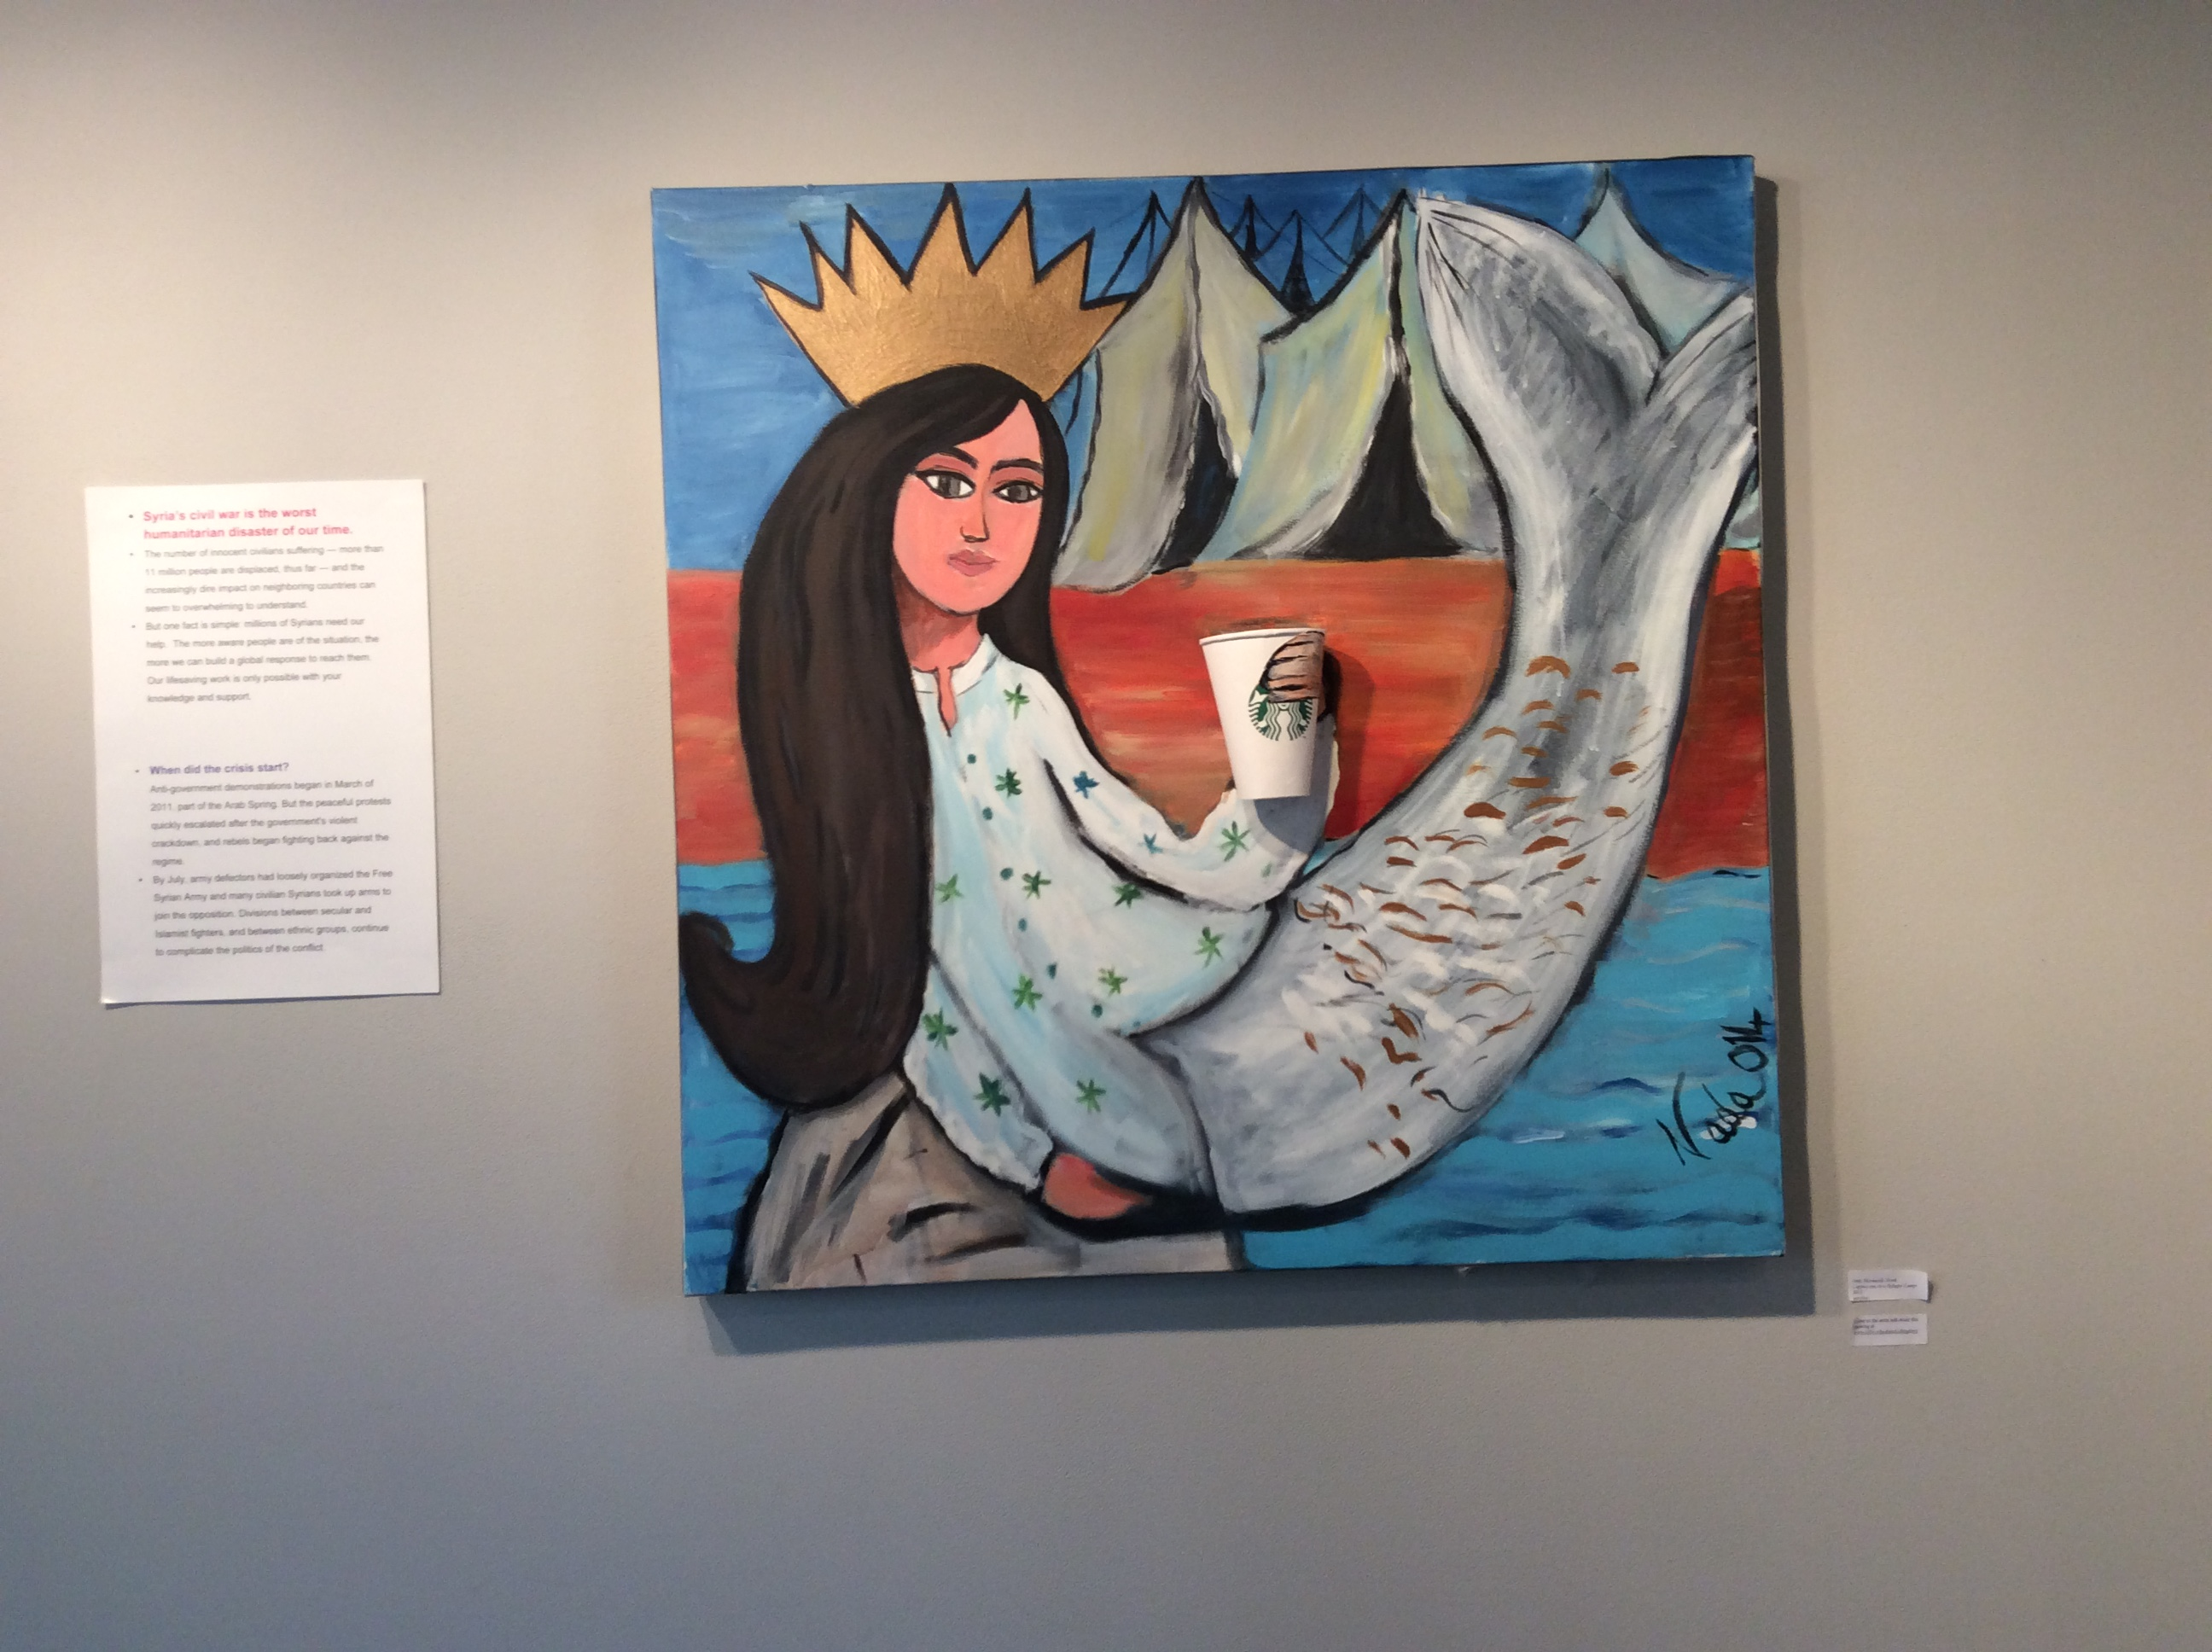 installing artwork -Mermaid